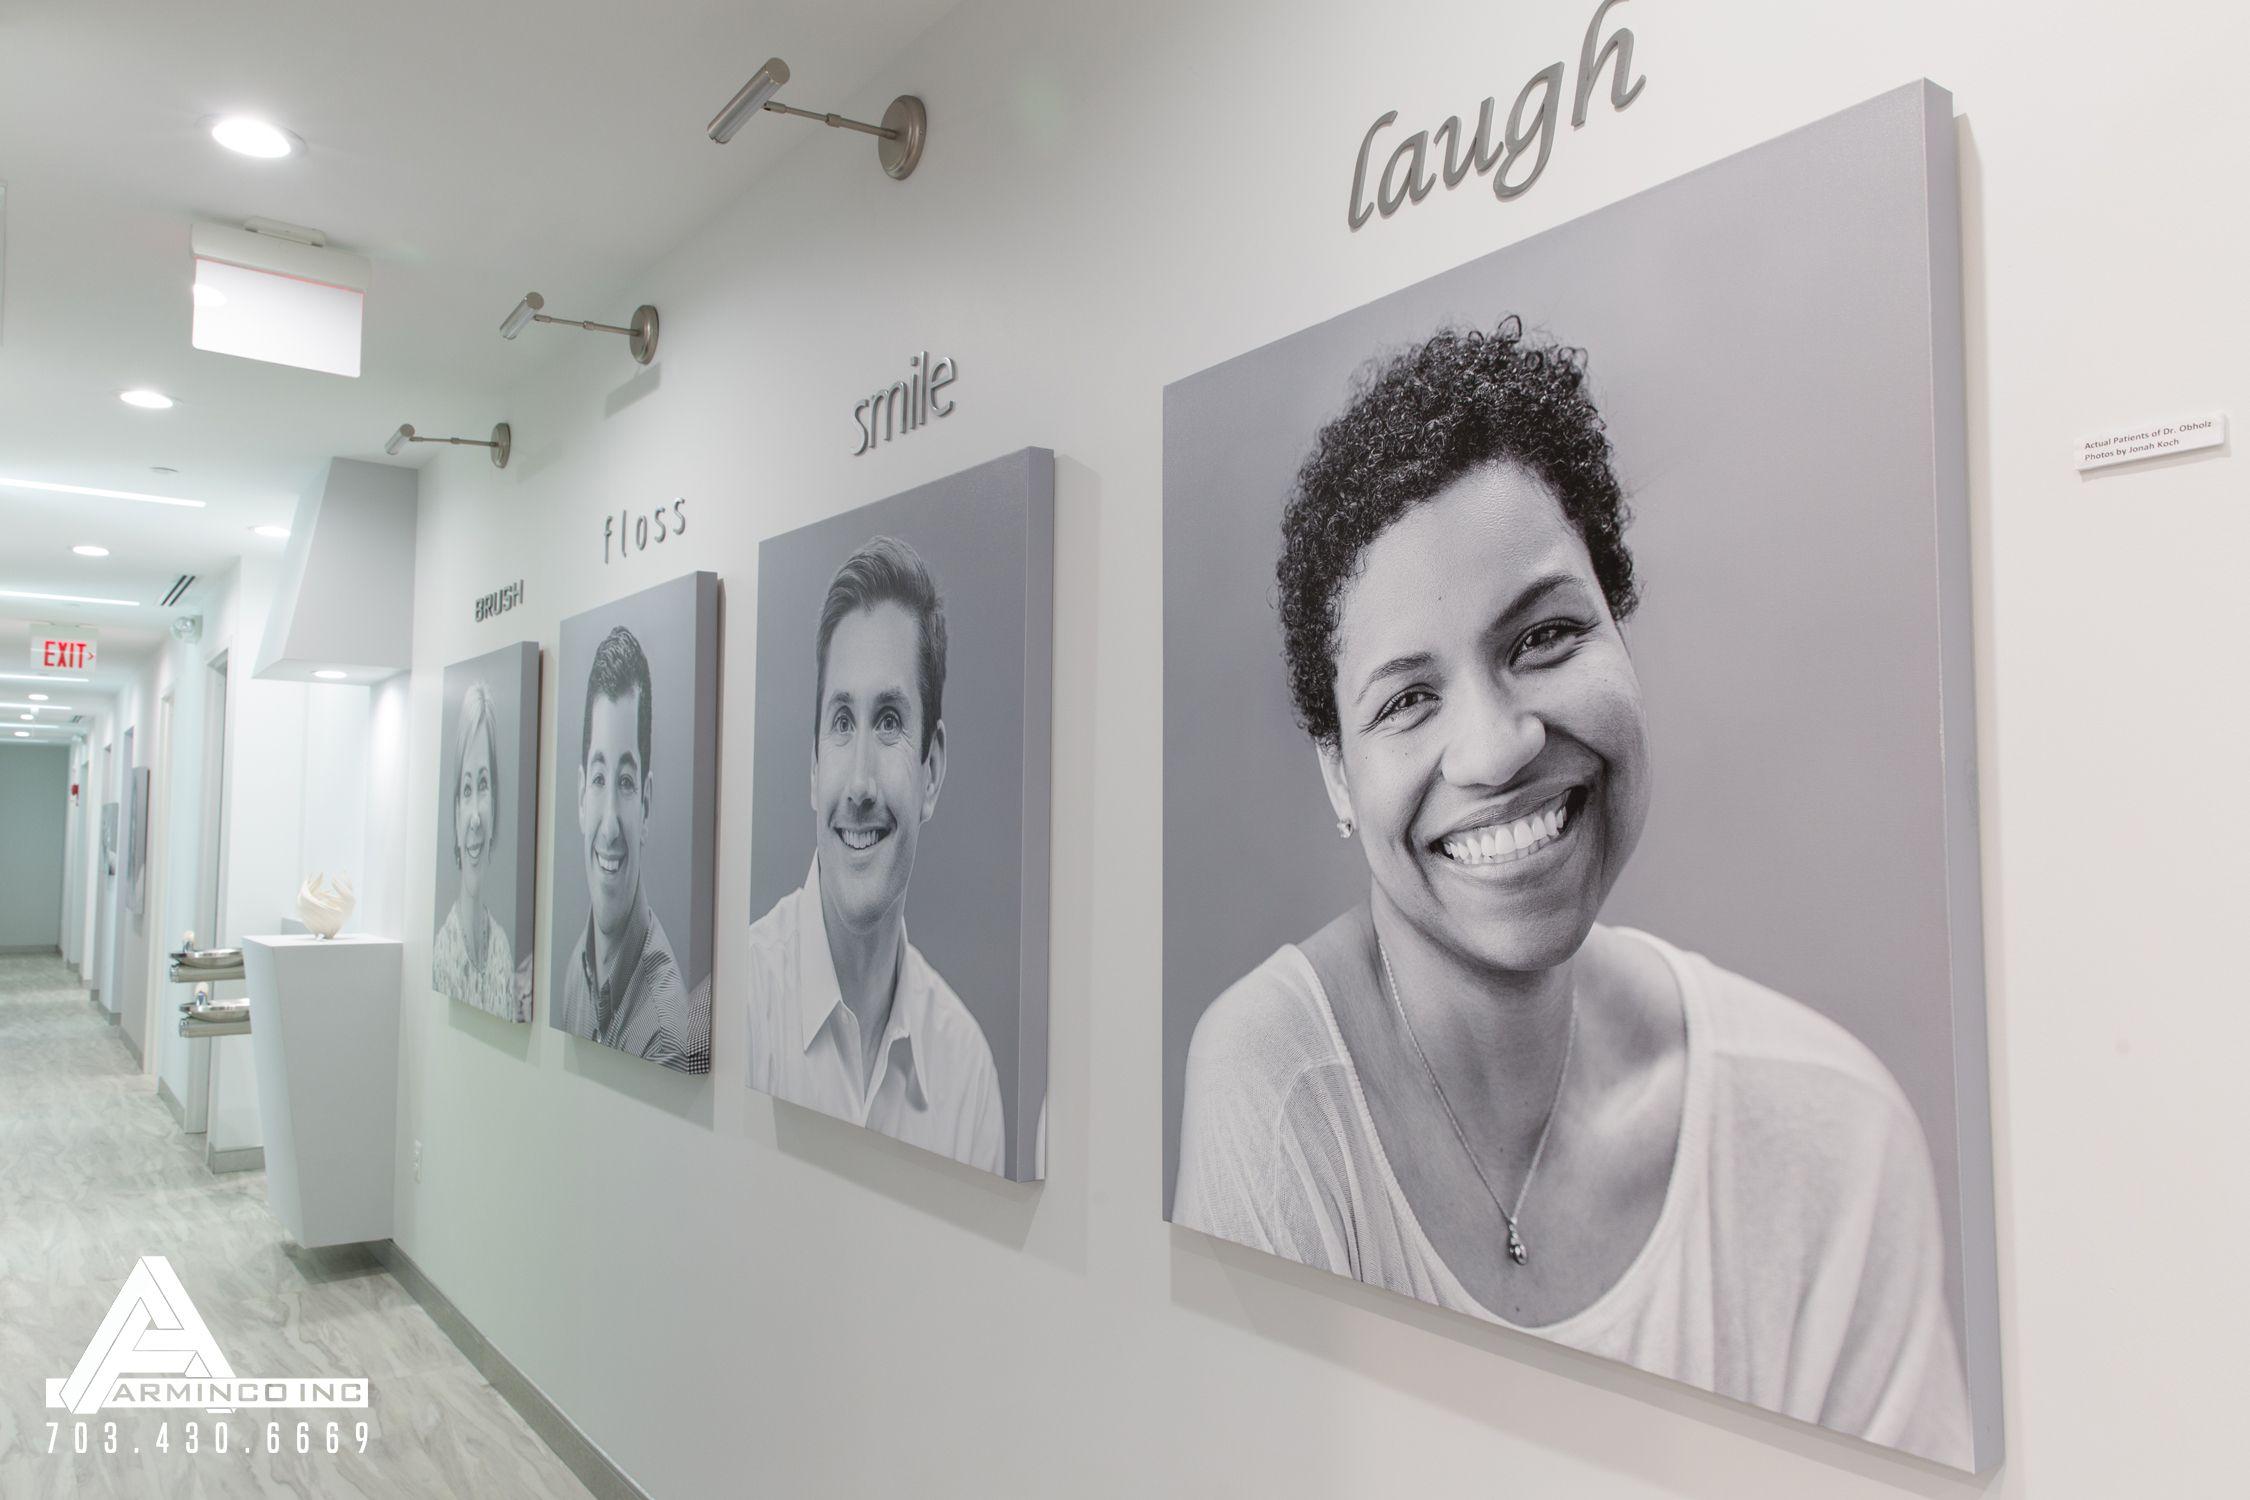 Art Gallery Wall Dental Office Design By Arminco Inc Projeto De Clínica Clínica Dental Projeto De Consultório Odontológico